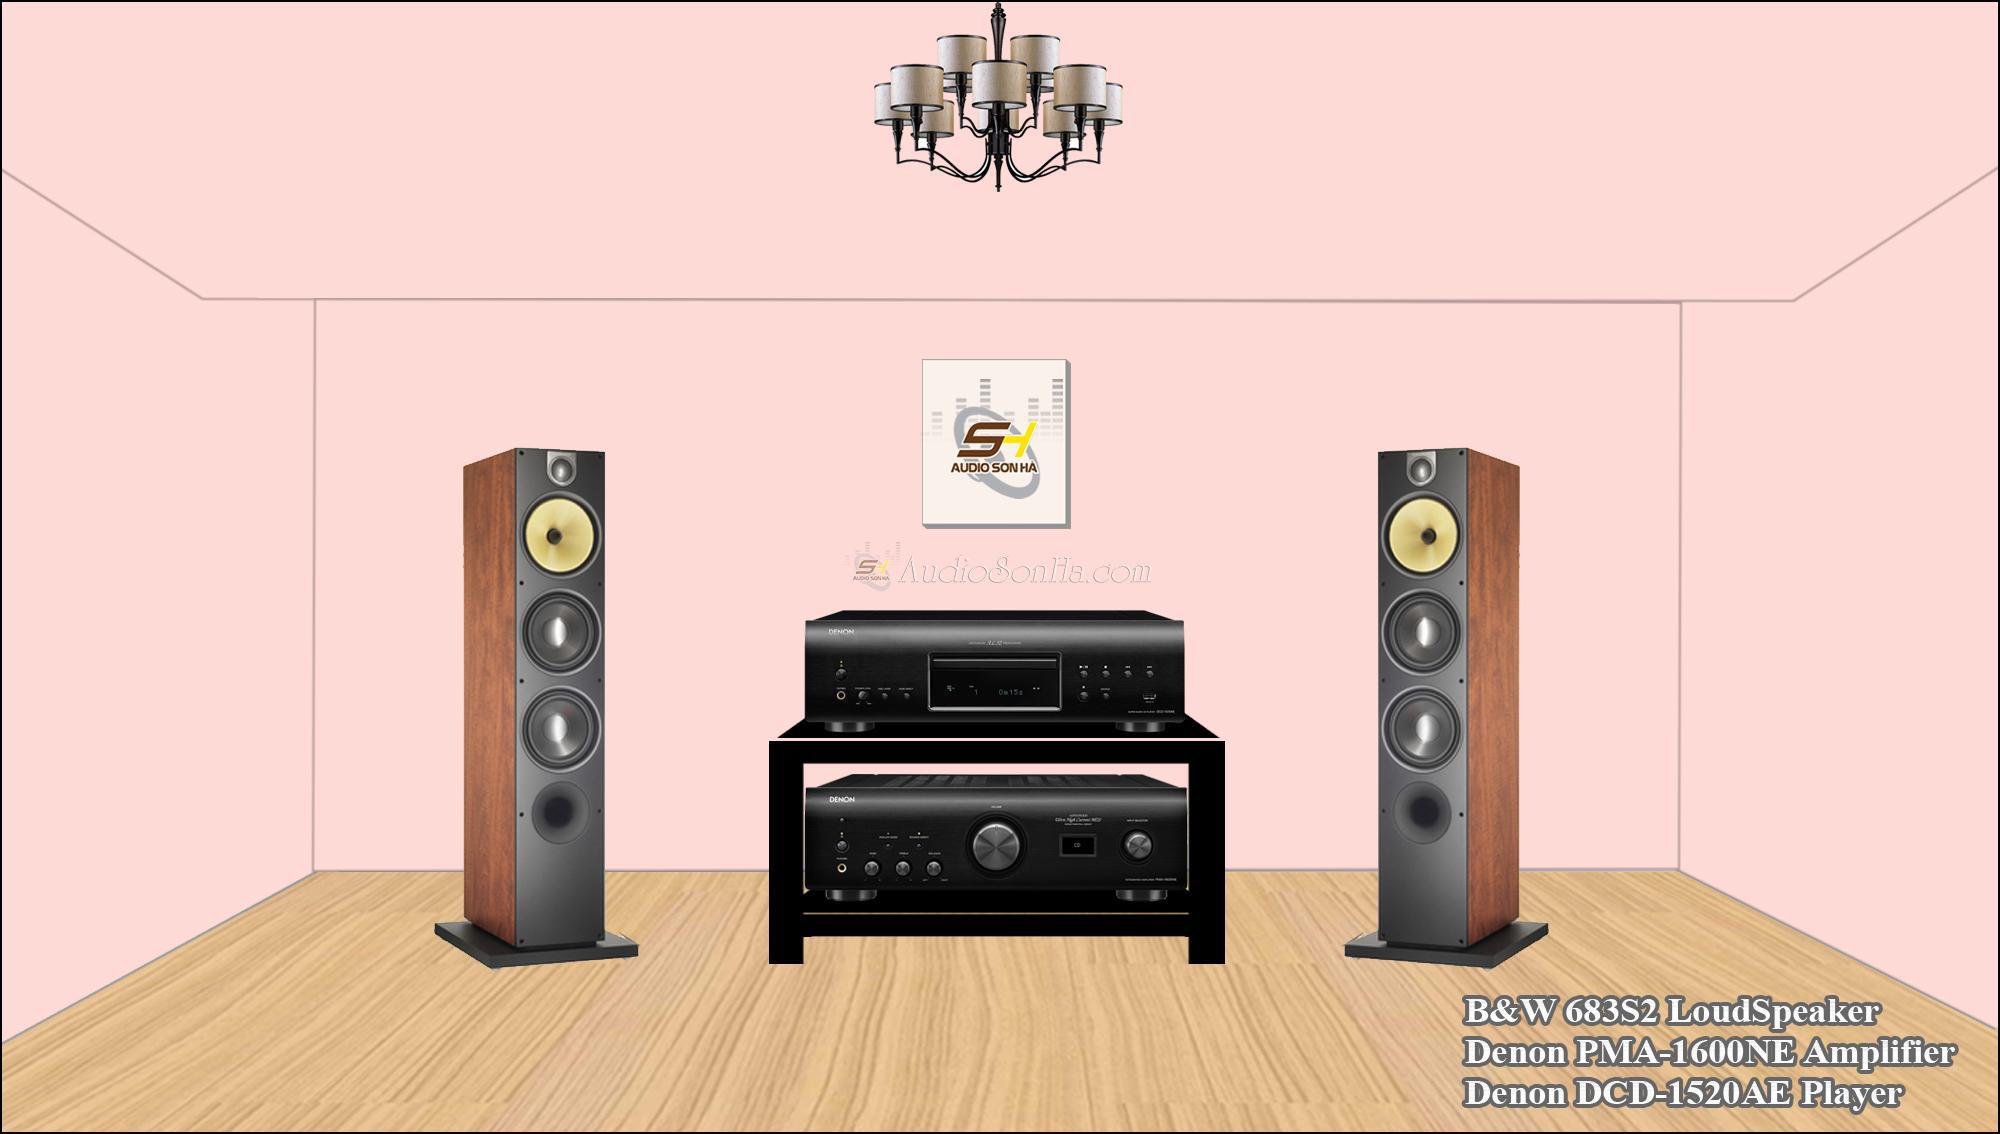 Hệ thống nghe nhạc Denon & B&W 683s2